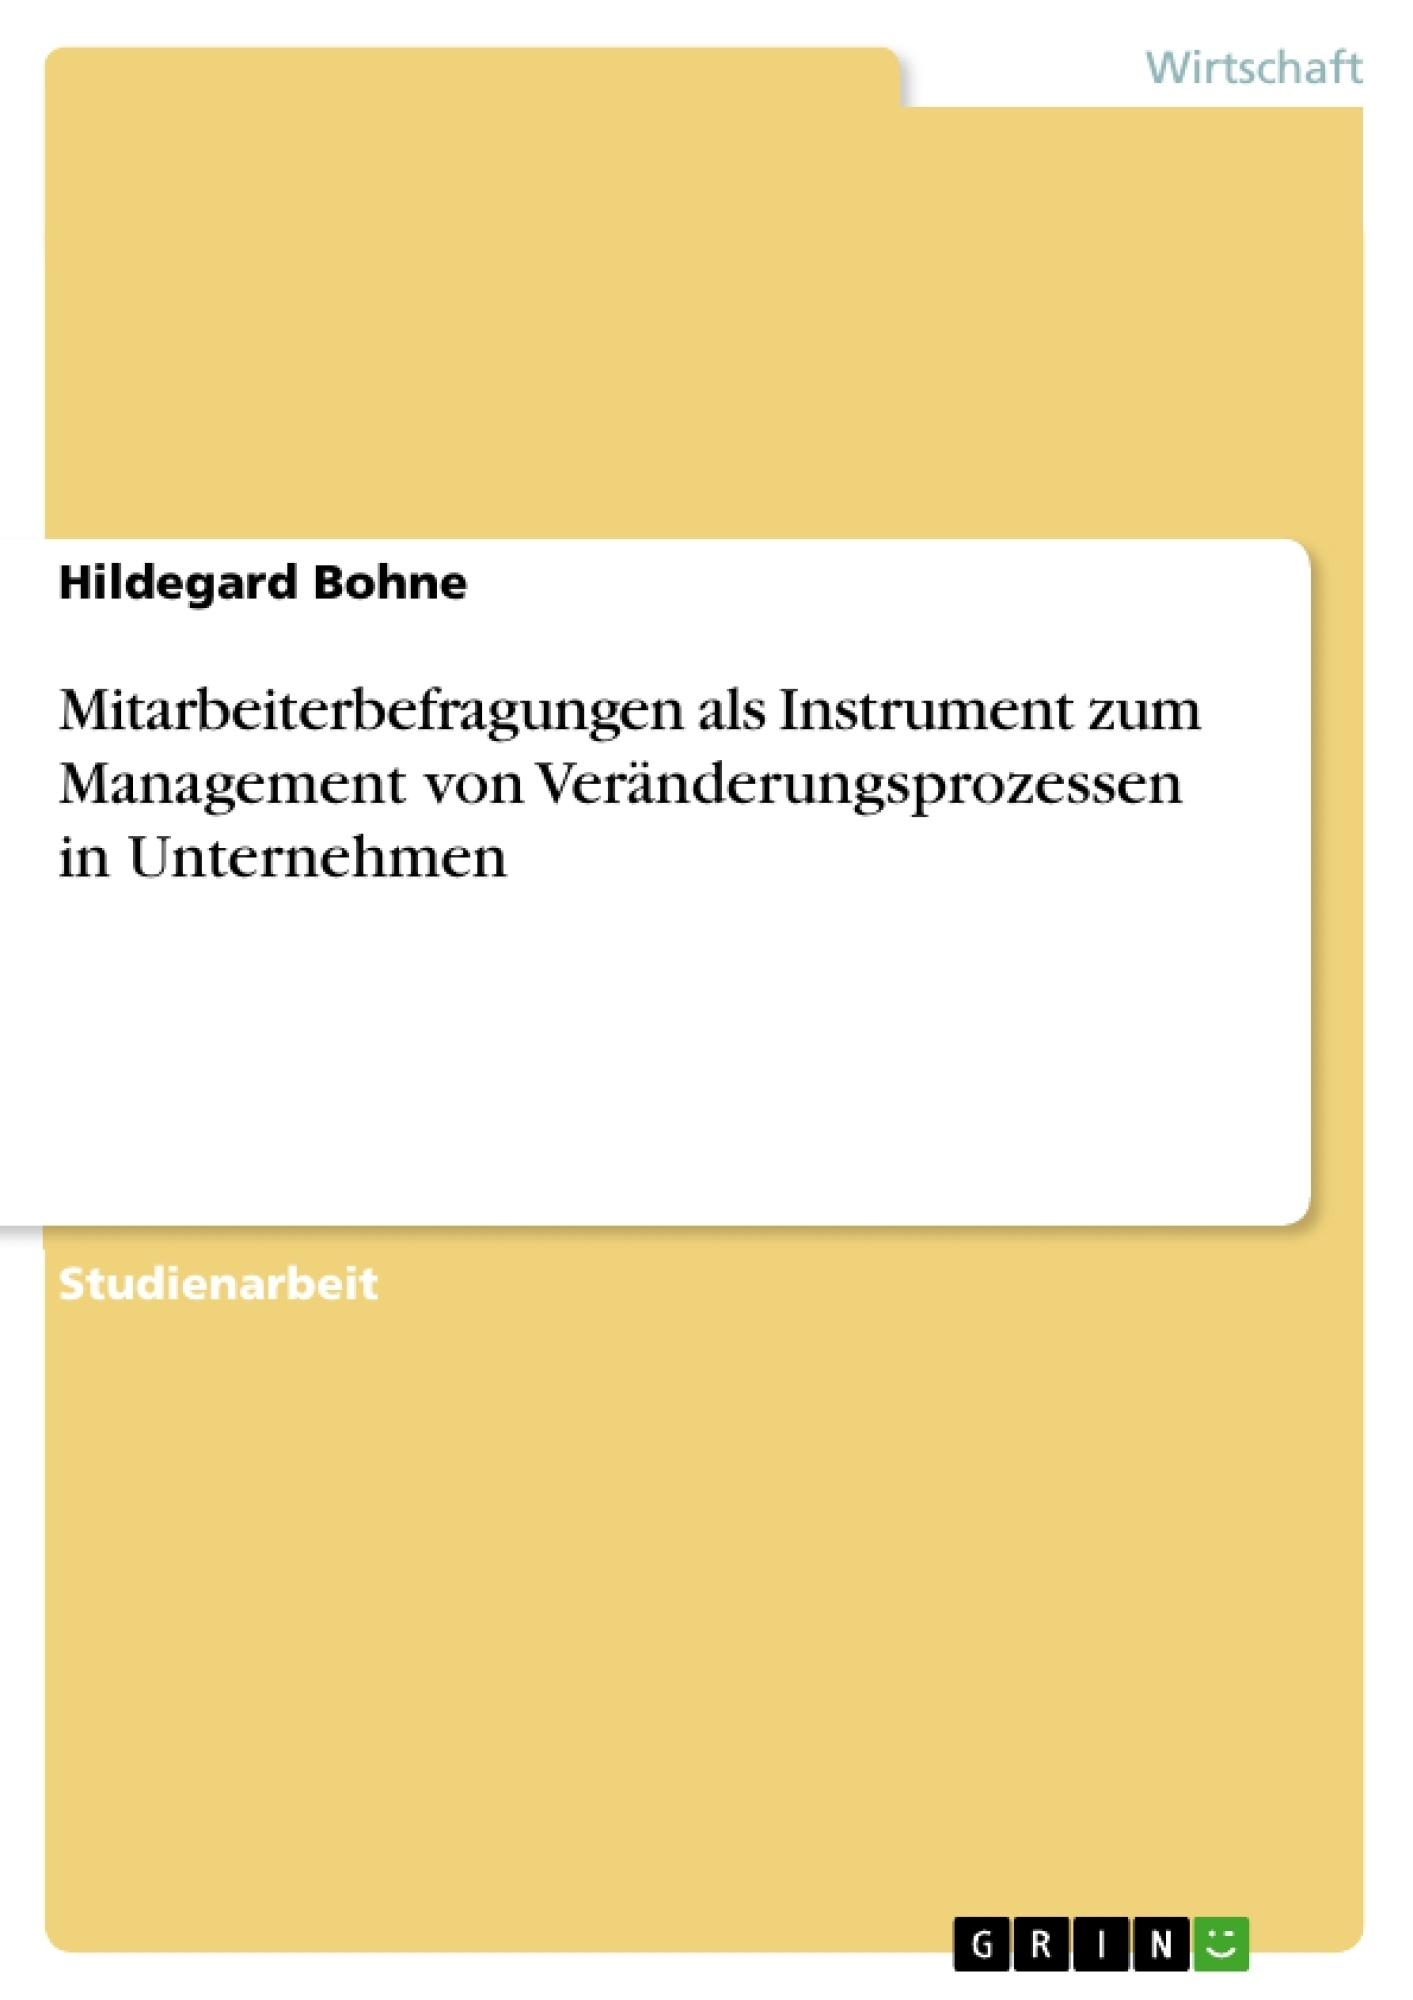 Titel: Mitarbeiterbefragungen als Instrument zum Management von Veränderungsprozessen in Unternehmen